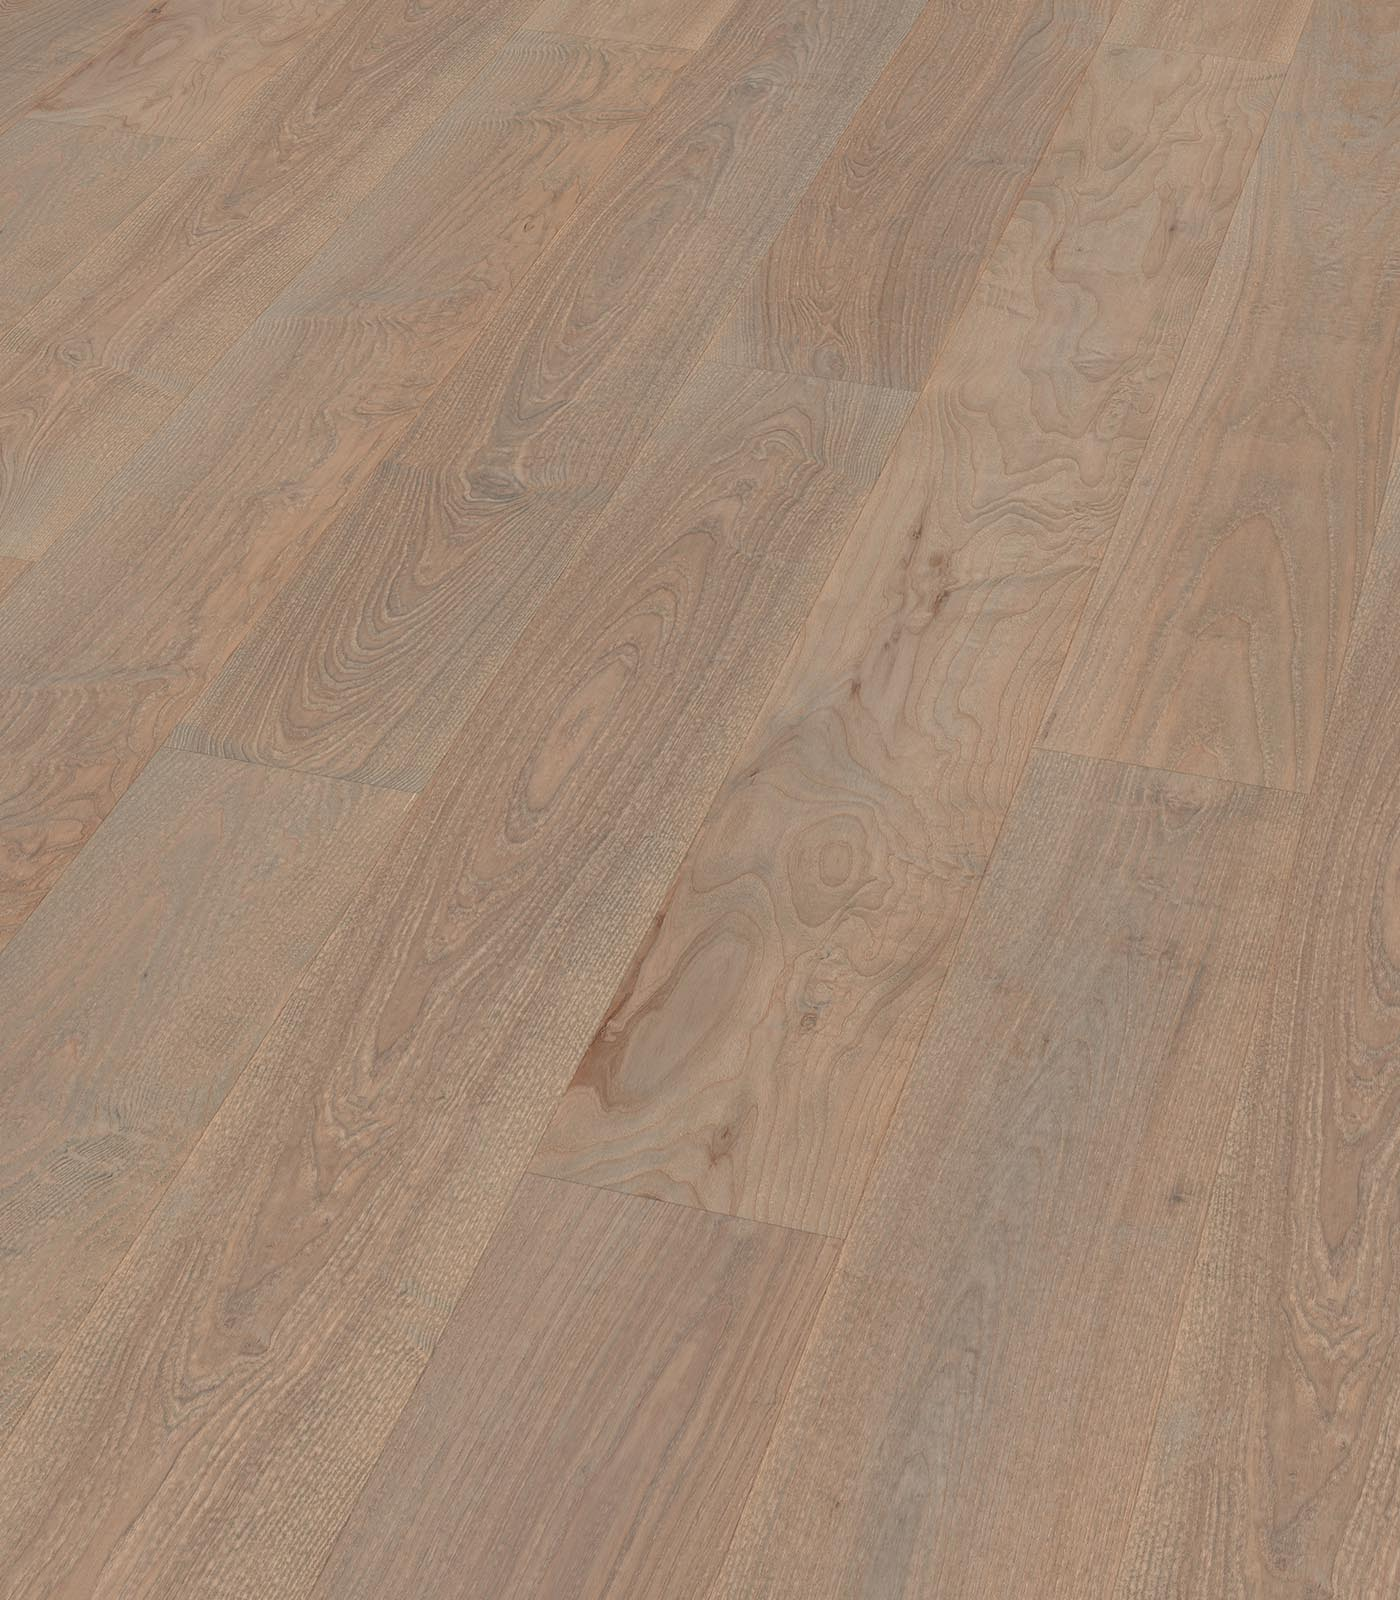 Lisbon-European Ash floors-After Oak Collection-angle